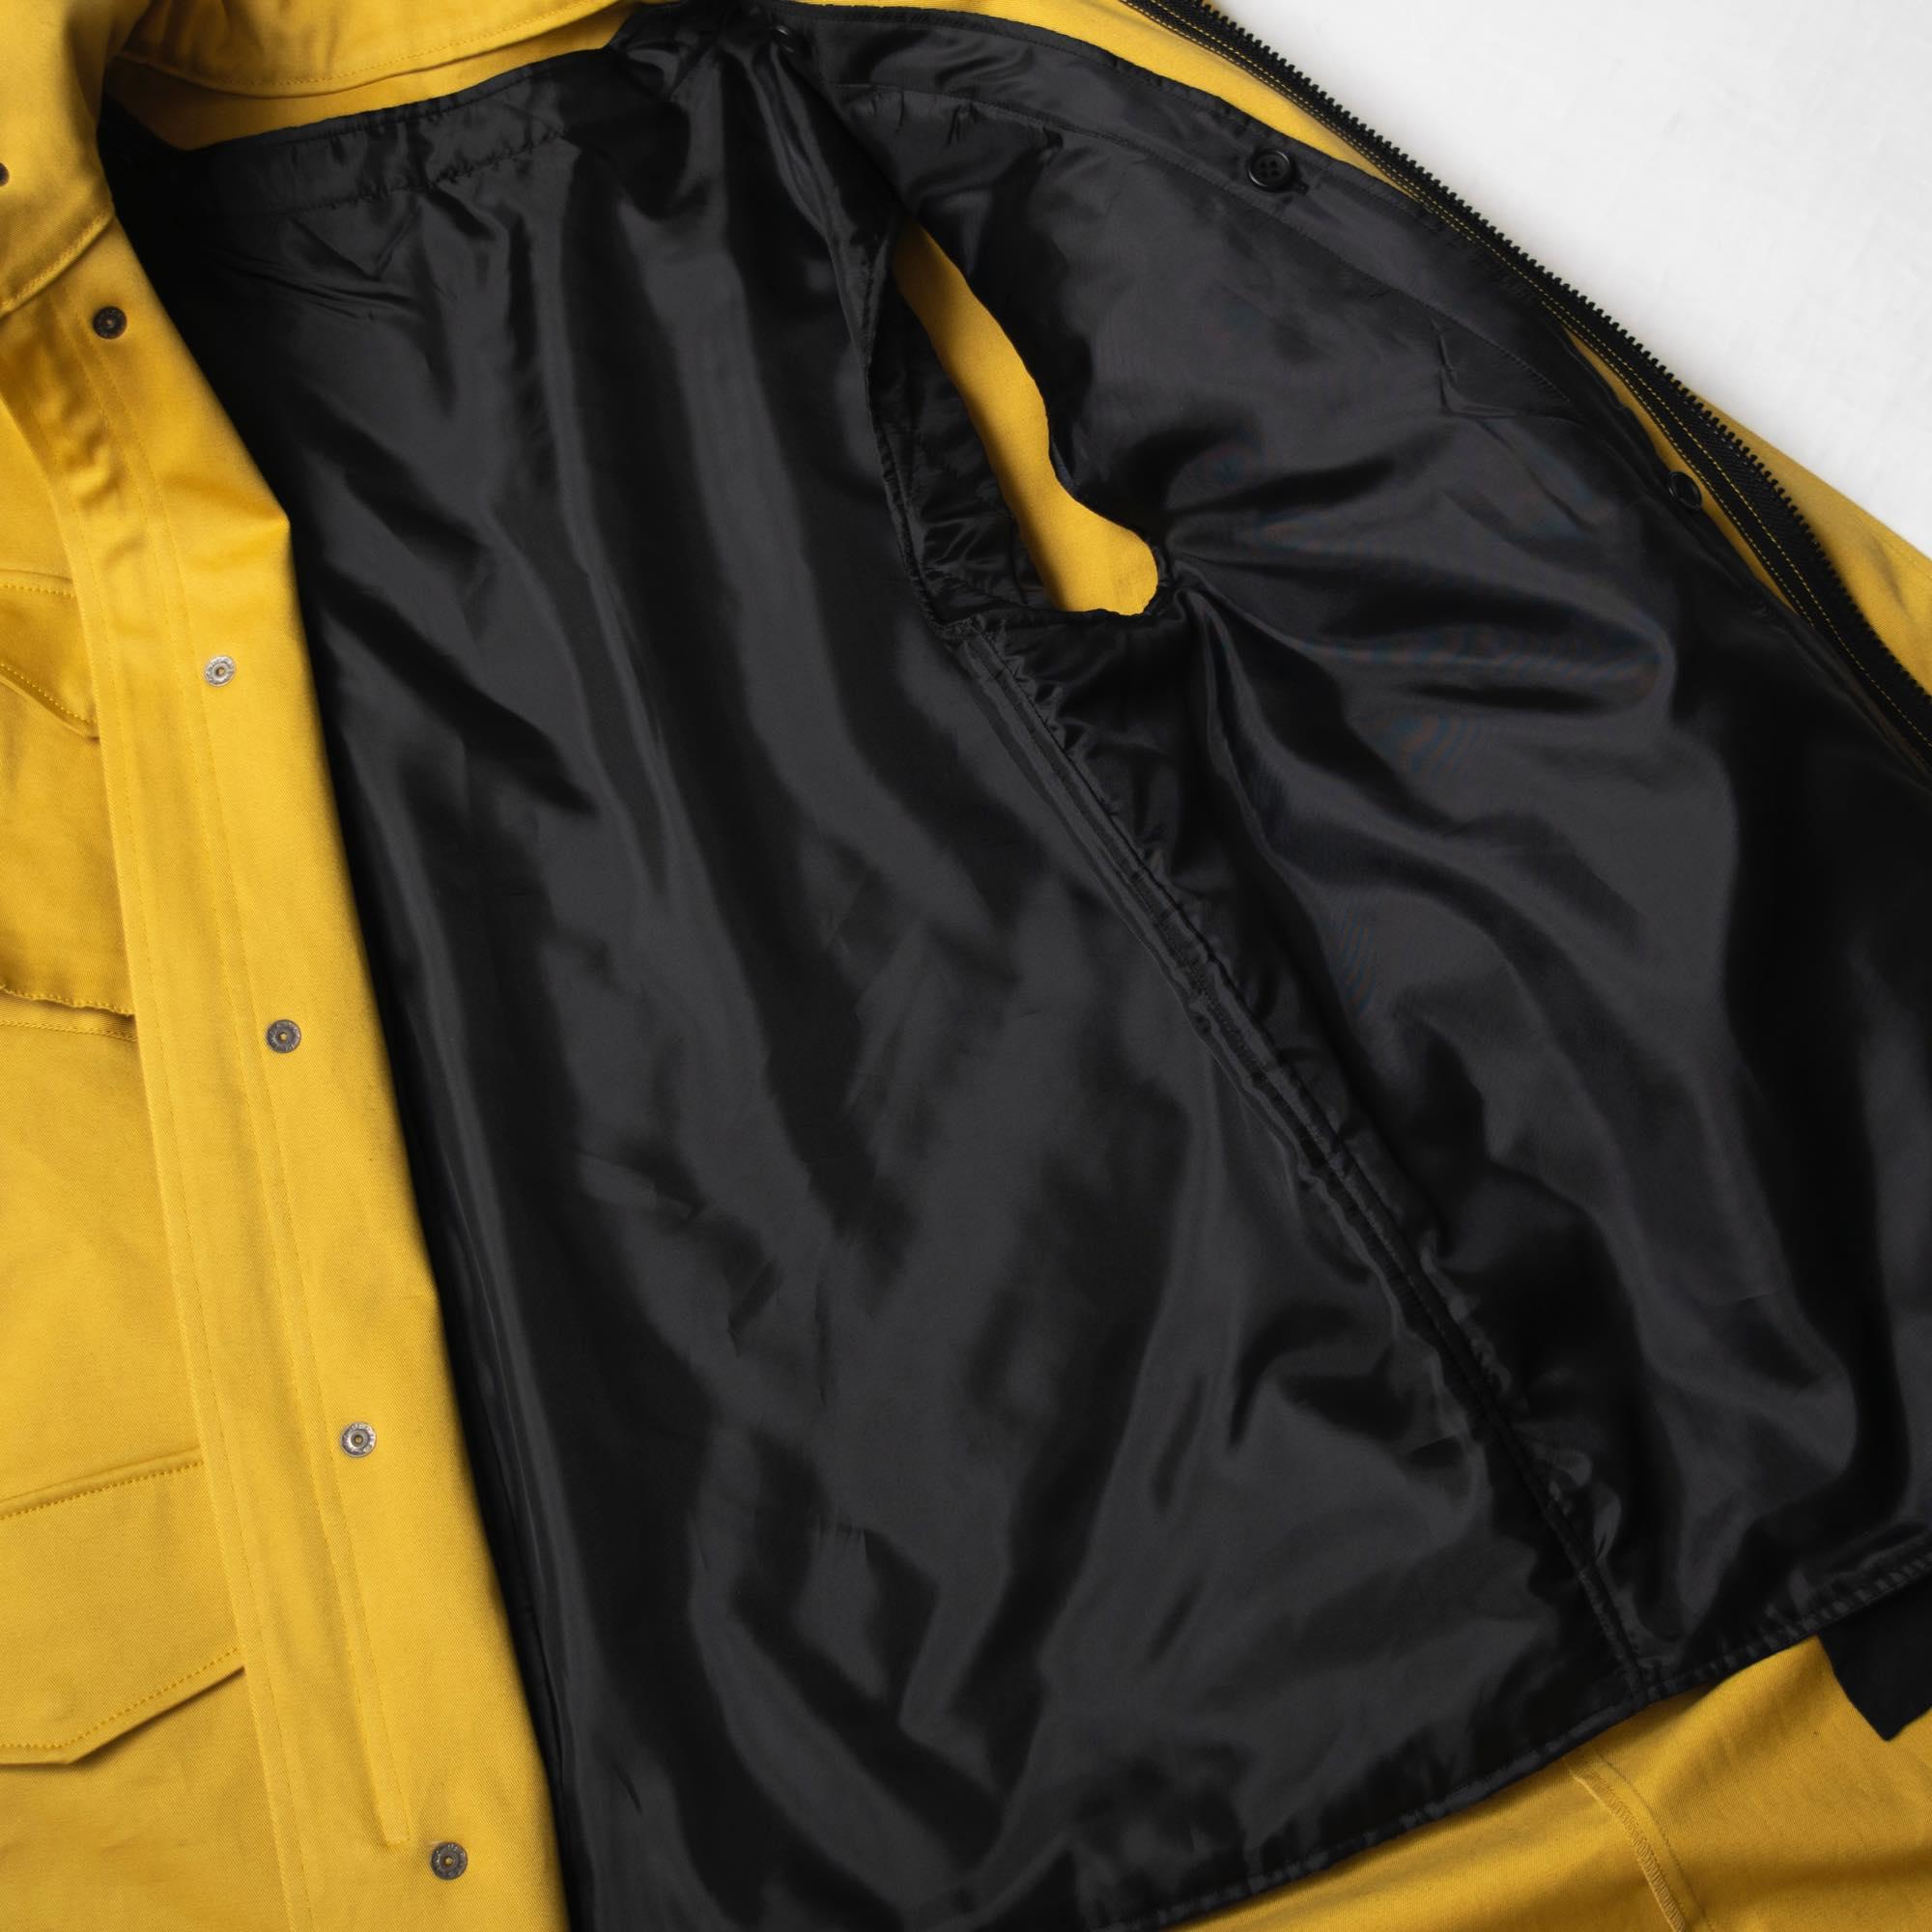 coat_yel_006